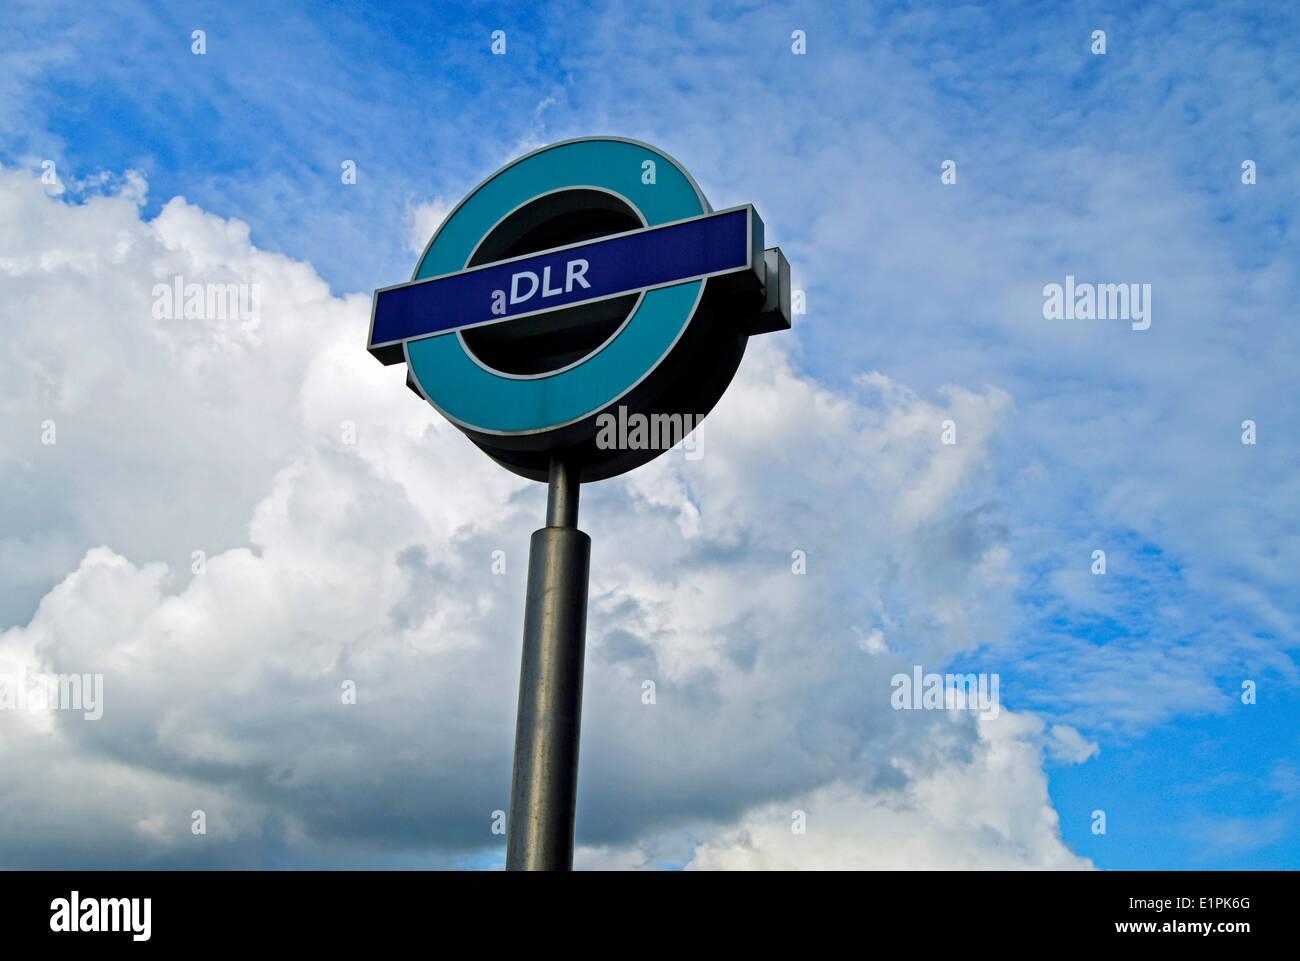 West Silvertown DLR Station roundel, London Borough of Newham, London, England, United Kingdom - Stock Image